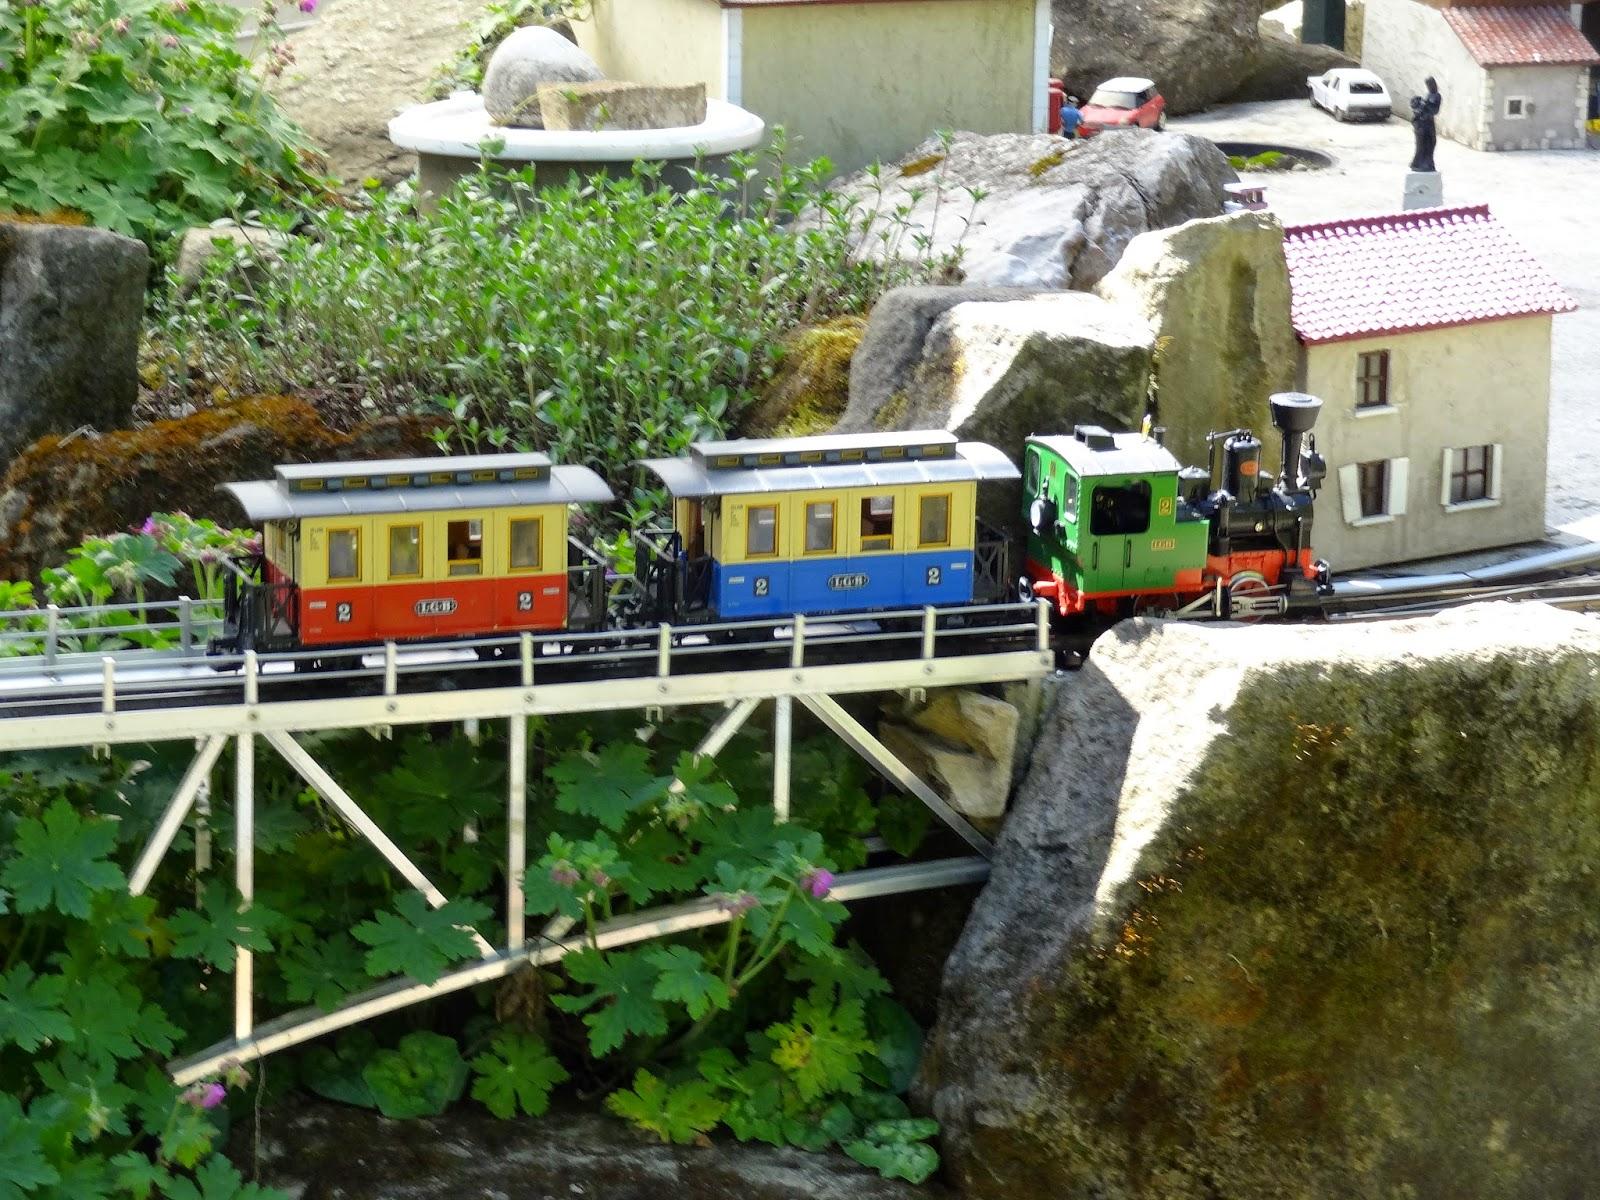 Le temps des loisirs jardin ferroviaire de chatte for Jardin ferroviaire